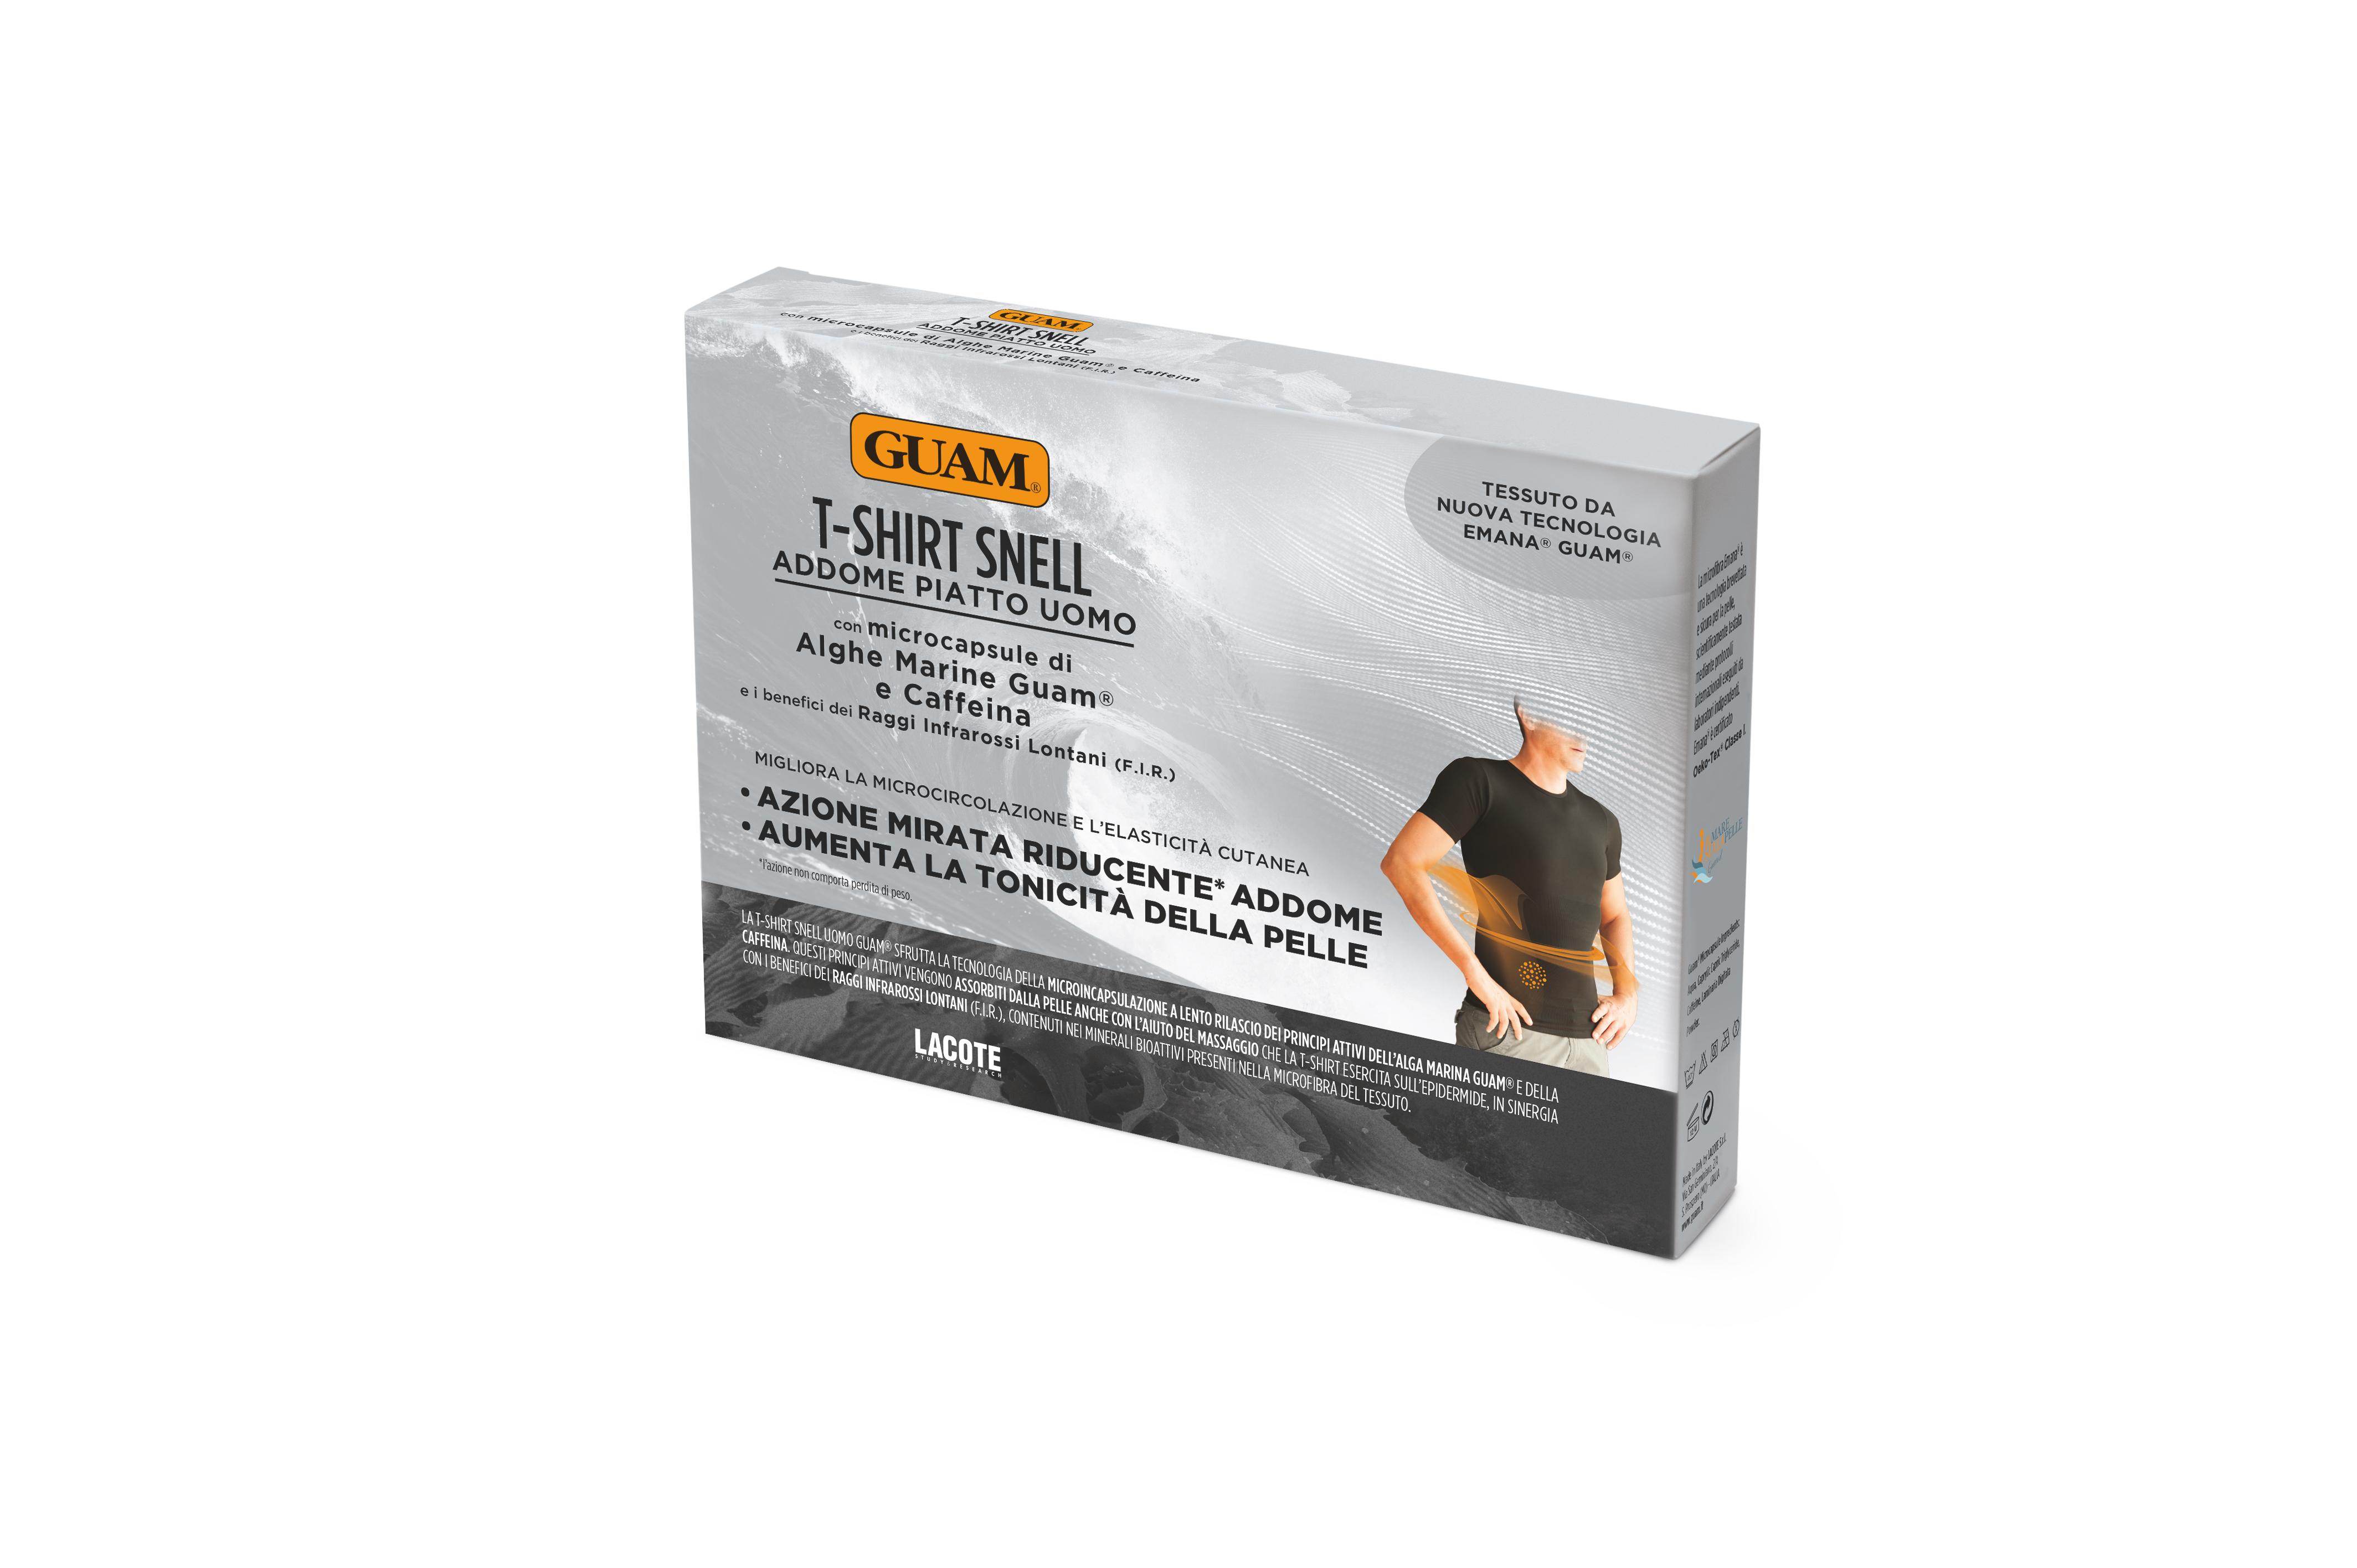 GUAM Футболка для мужчин с моделирующим эффектом GUAM, L/XL (50-52)